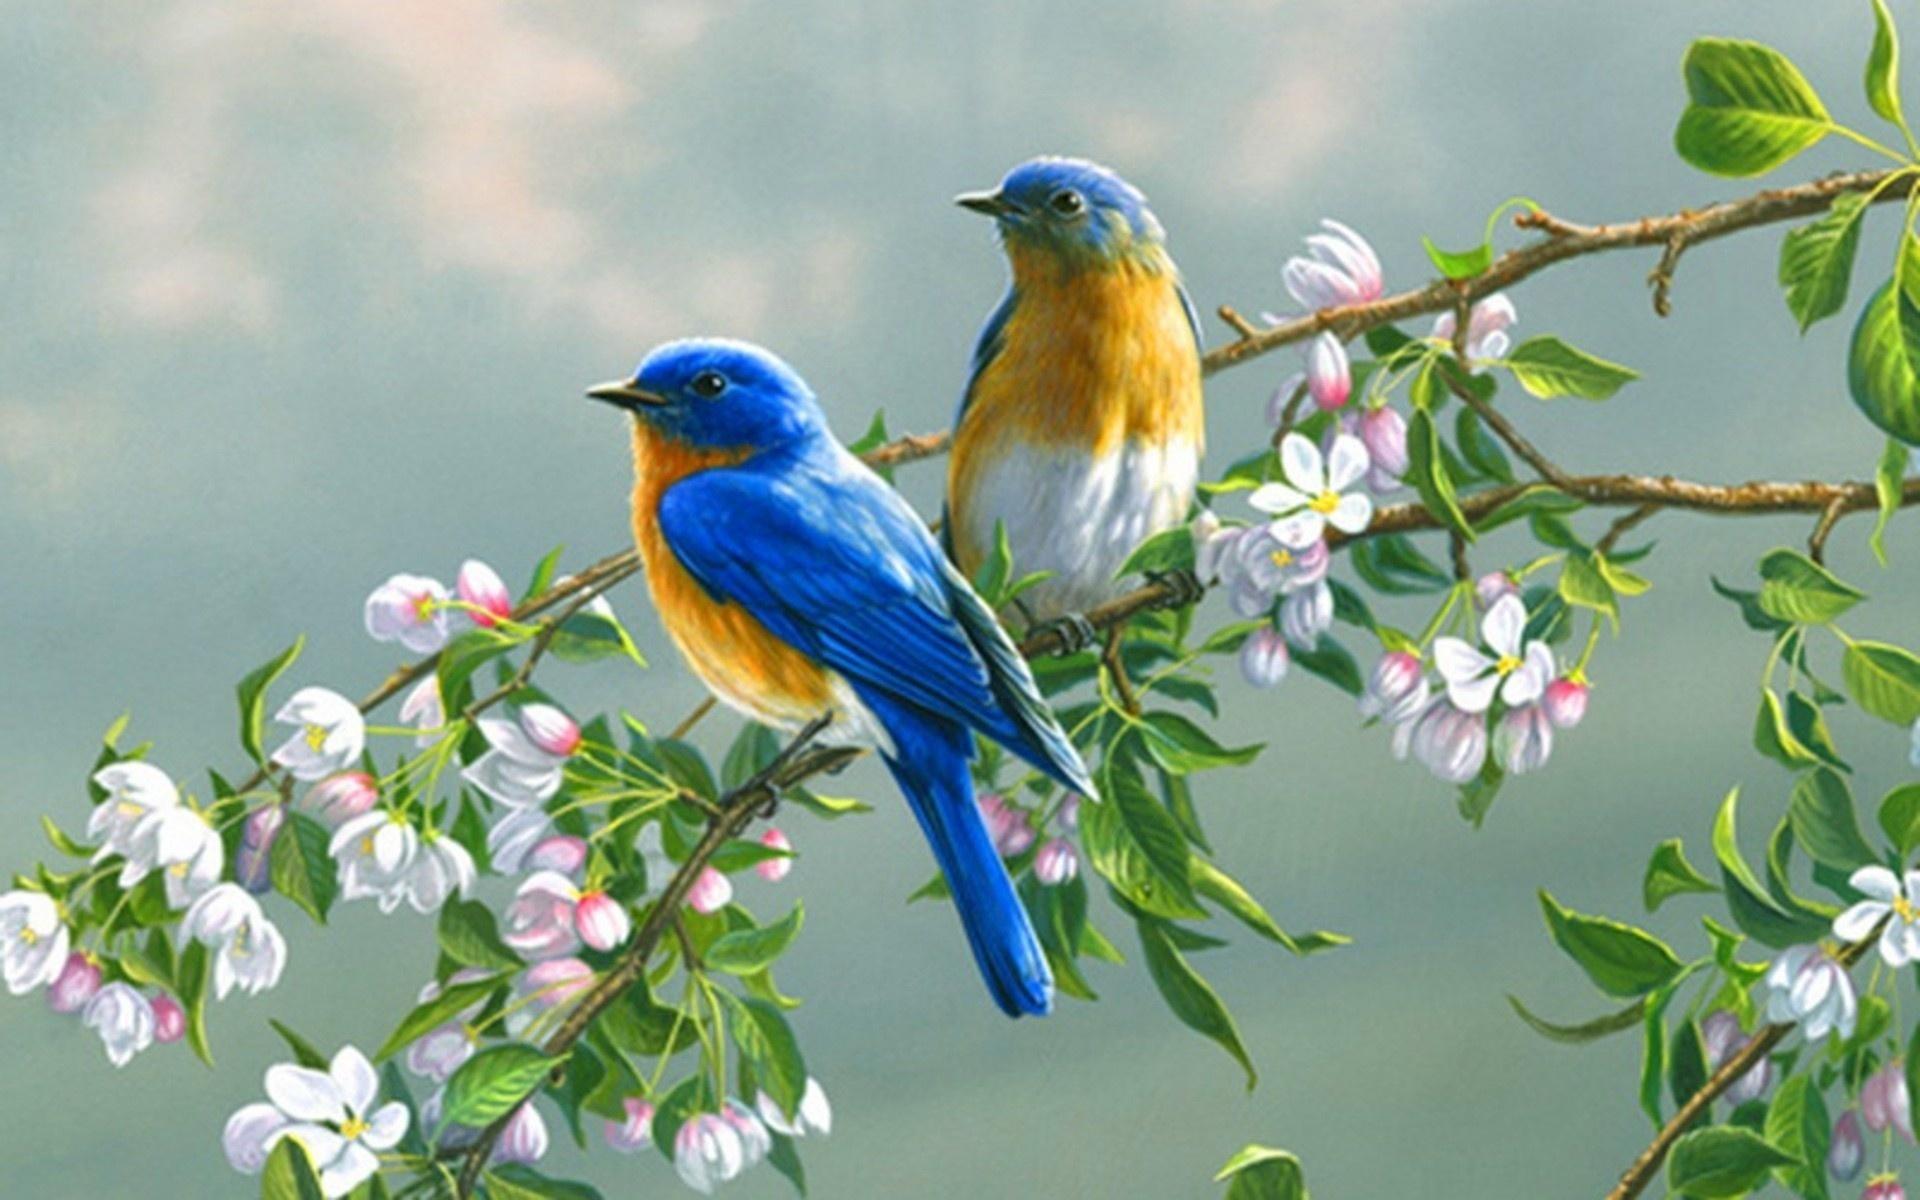 прежде всего красивые картинки с весной для телефона найти